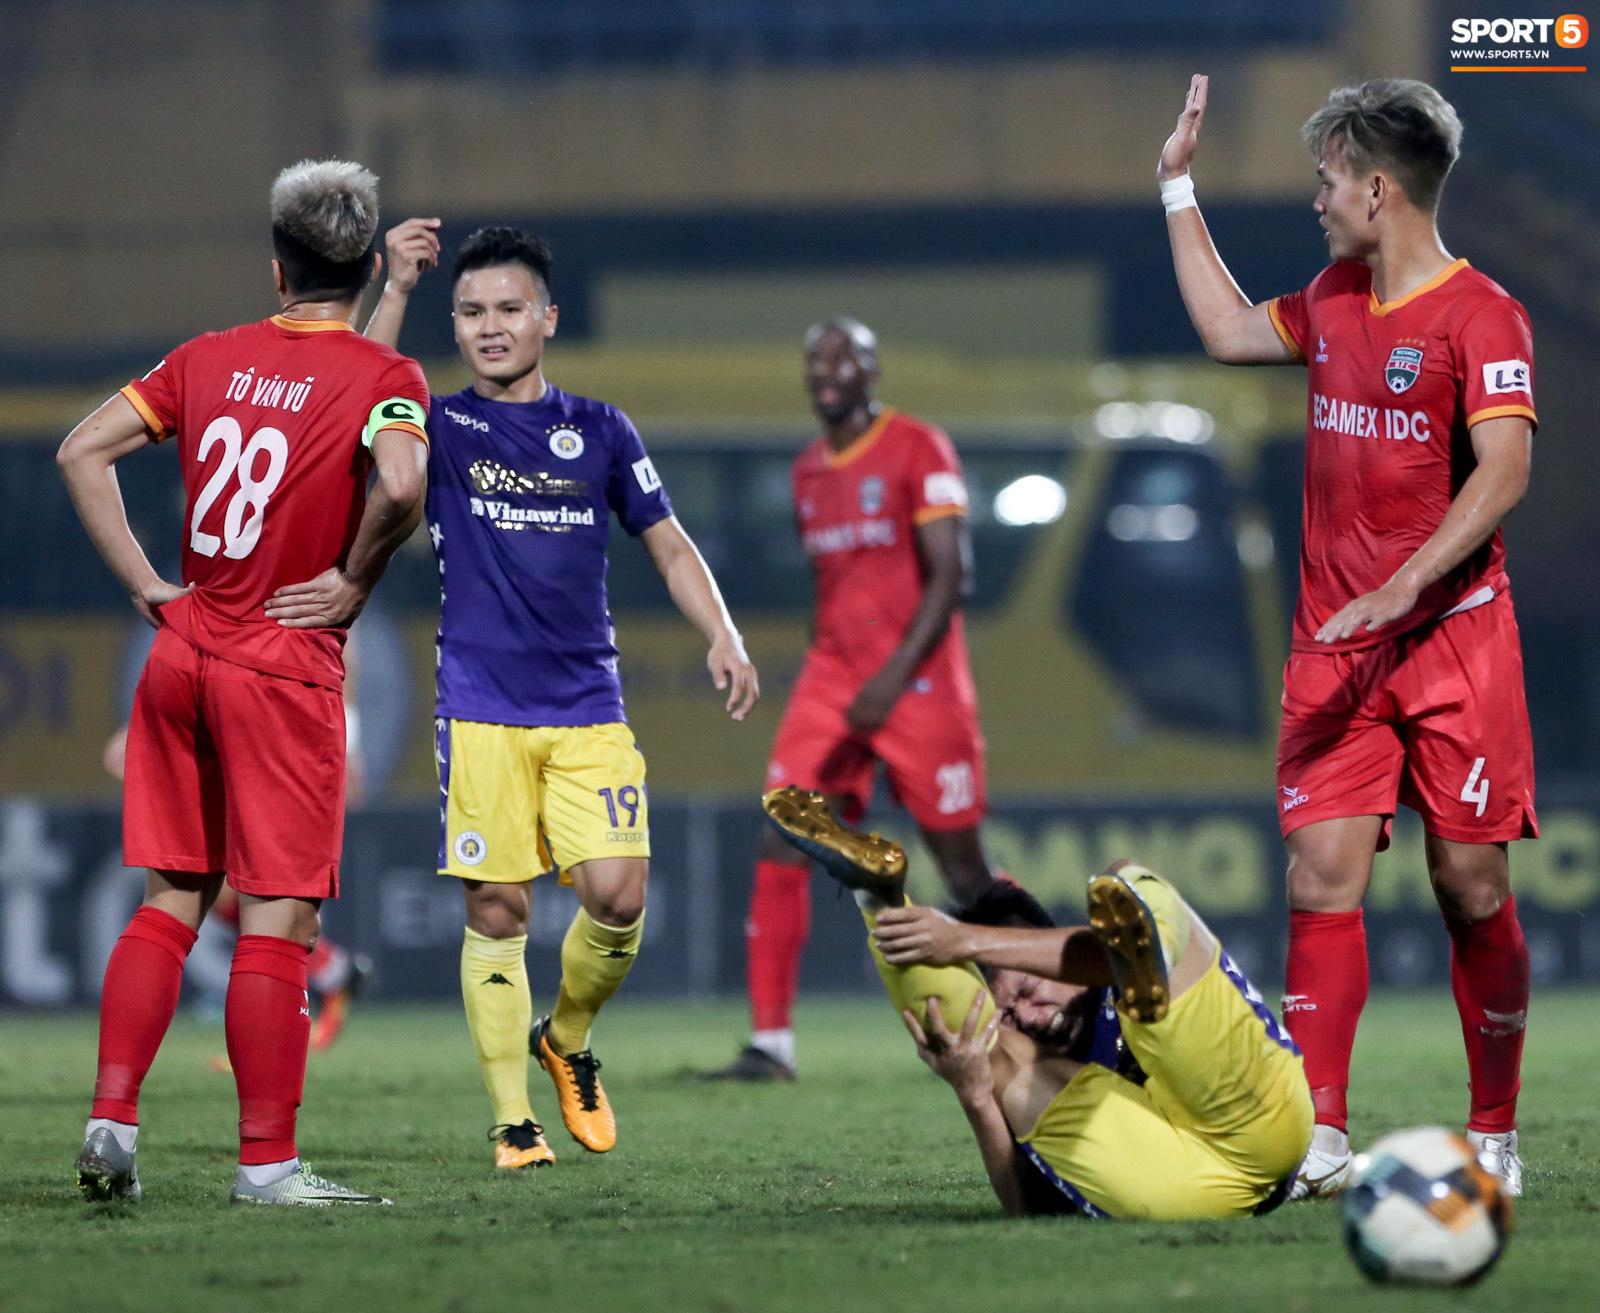 Quang Hải đòi trọng tài rút thẻ phạt cho bạn cũ ở U23 Việt Nam sau pha phạm lỗi nguy hiểm - Ảnh 2.